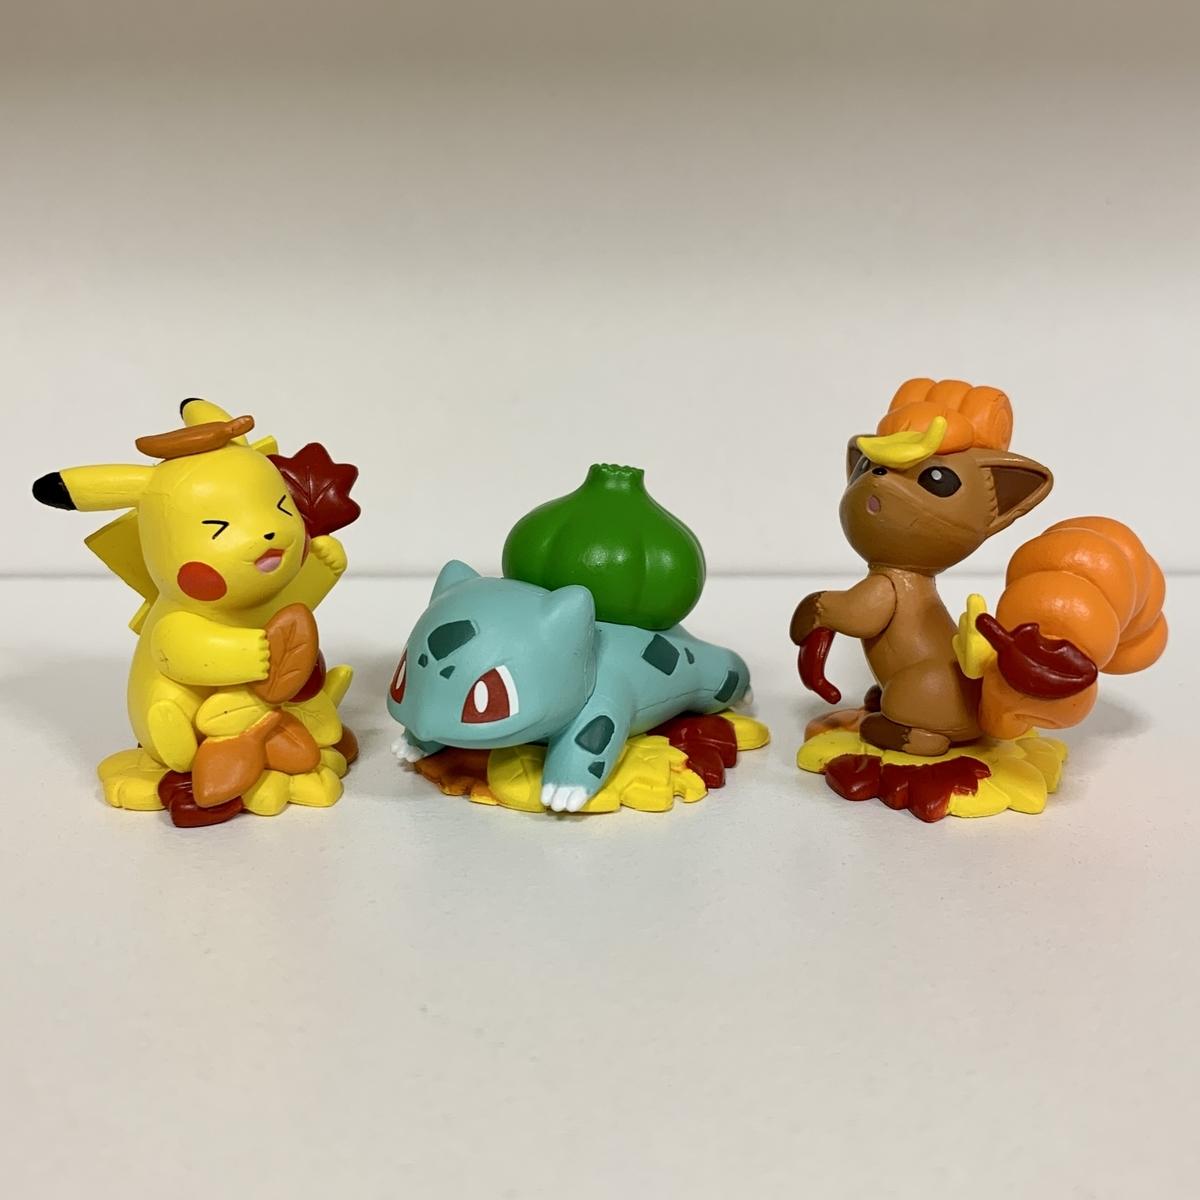 f:id:pikachu_pcn:20201020204254j:plain